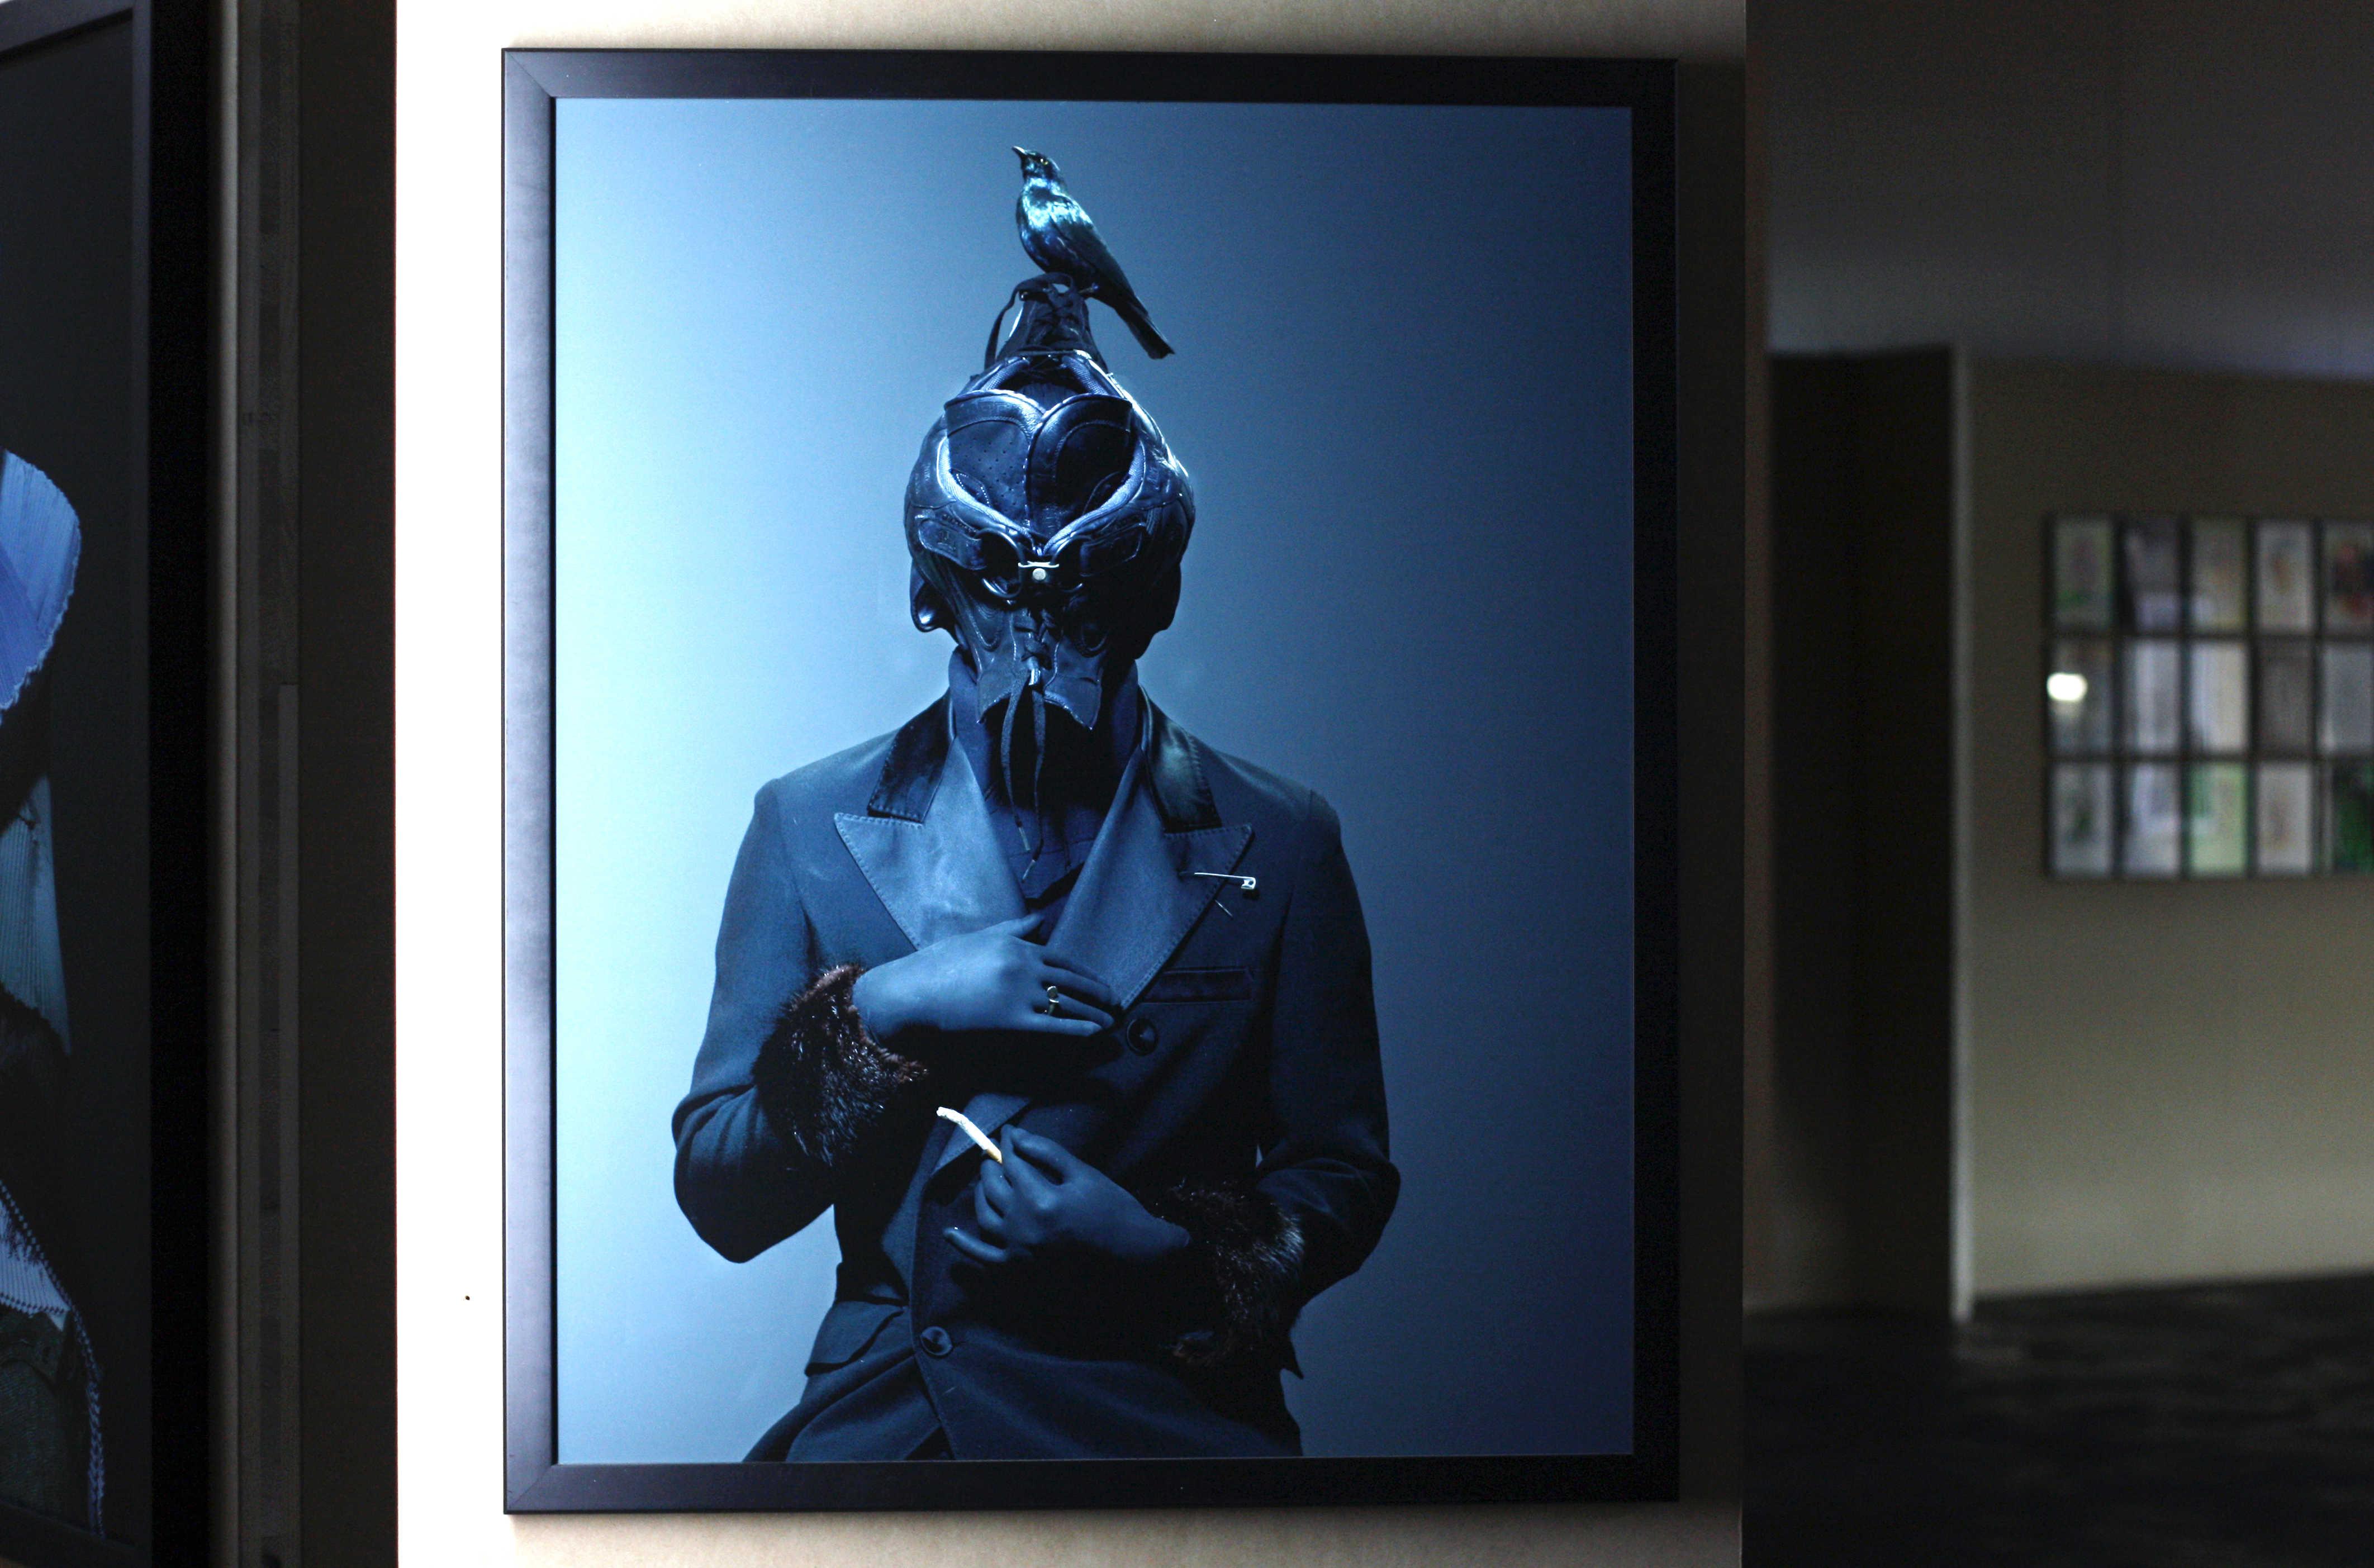 46b04c6ecd Faceless exhibition overview - work by Mustafa Sabbagh Van 26 januari t m  23 april 2014 is de tentoonstelling Faceless te zien in de Mediamatic  Fabriek.